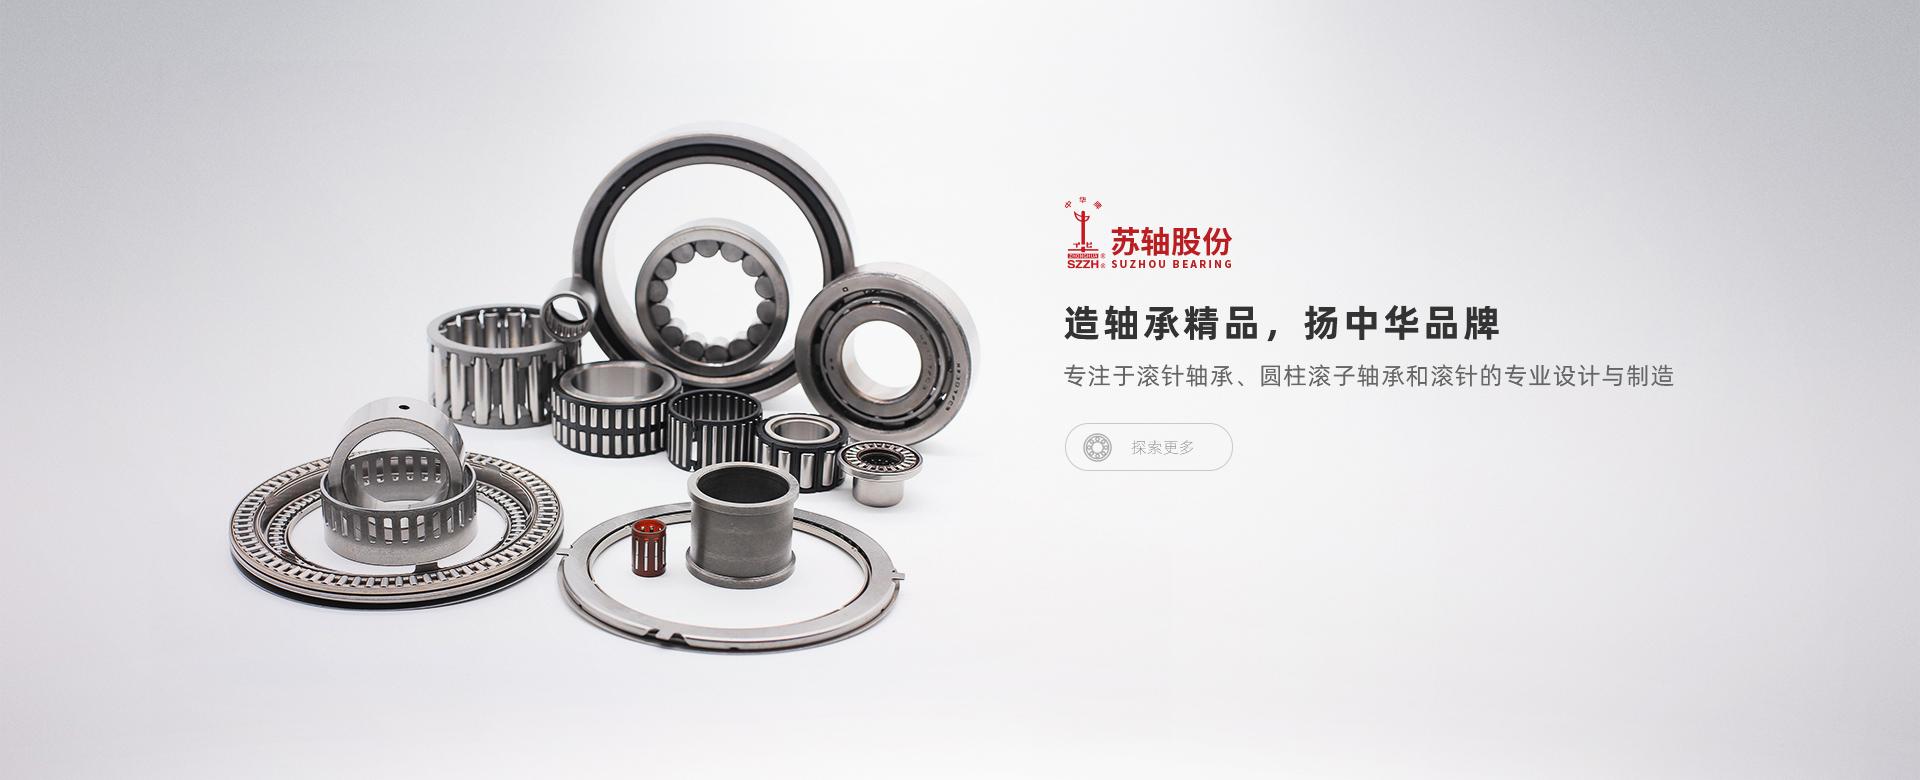 蘇州軸承廠股份有限公司